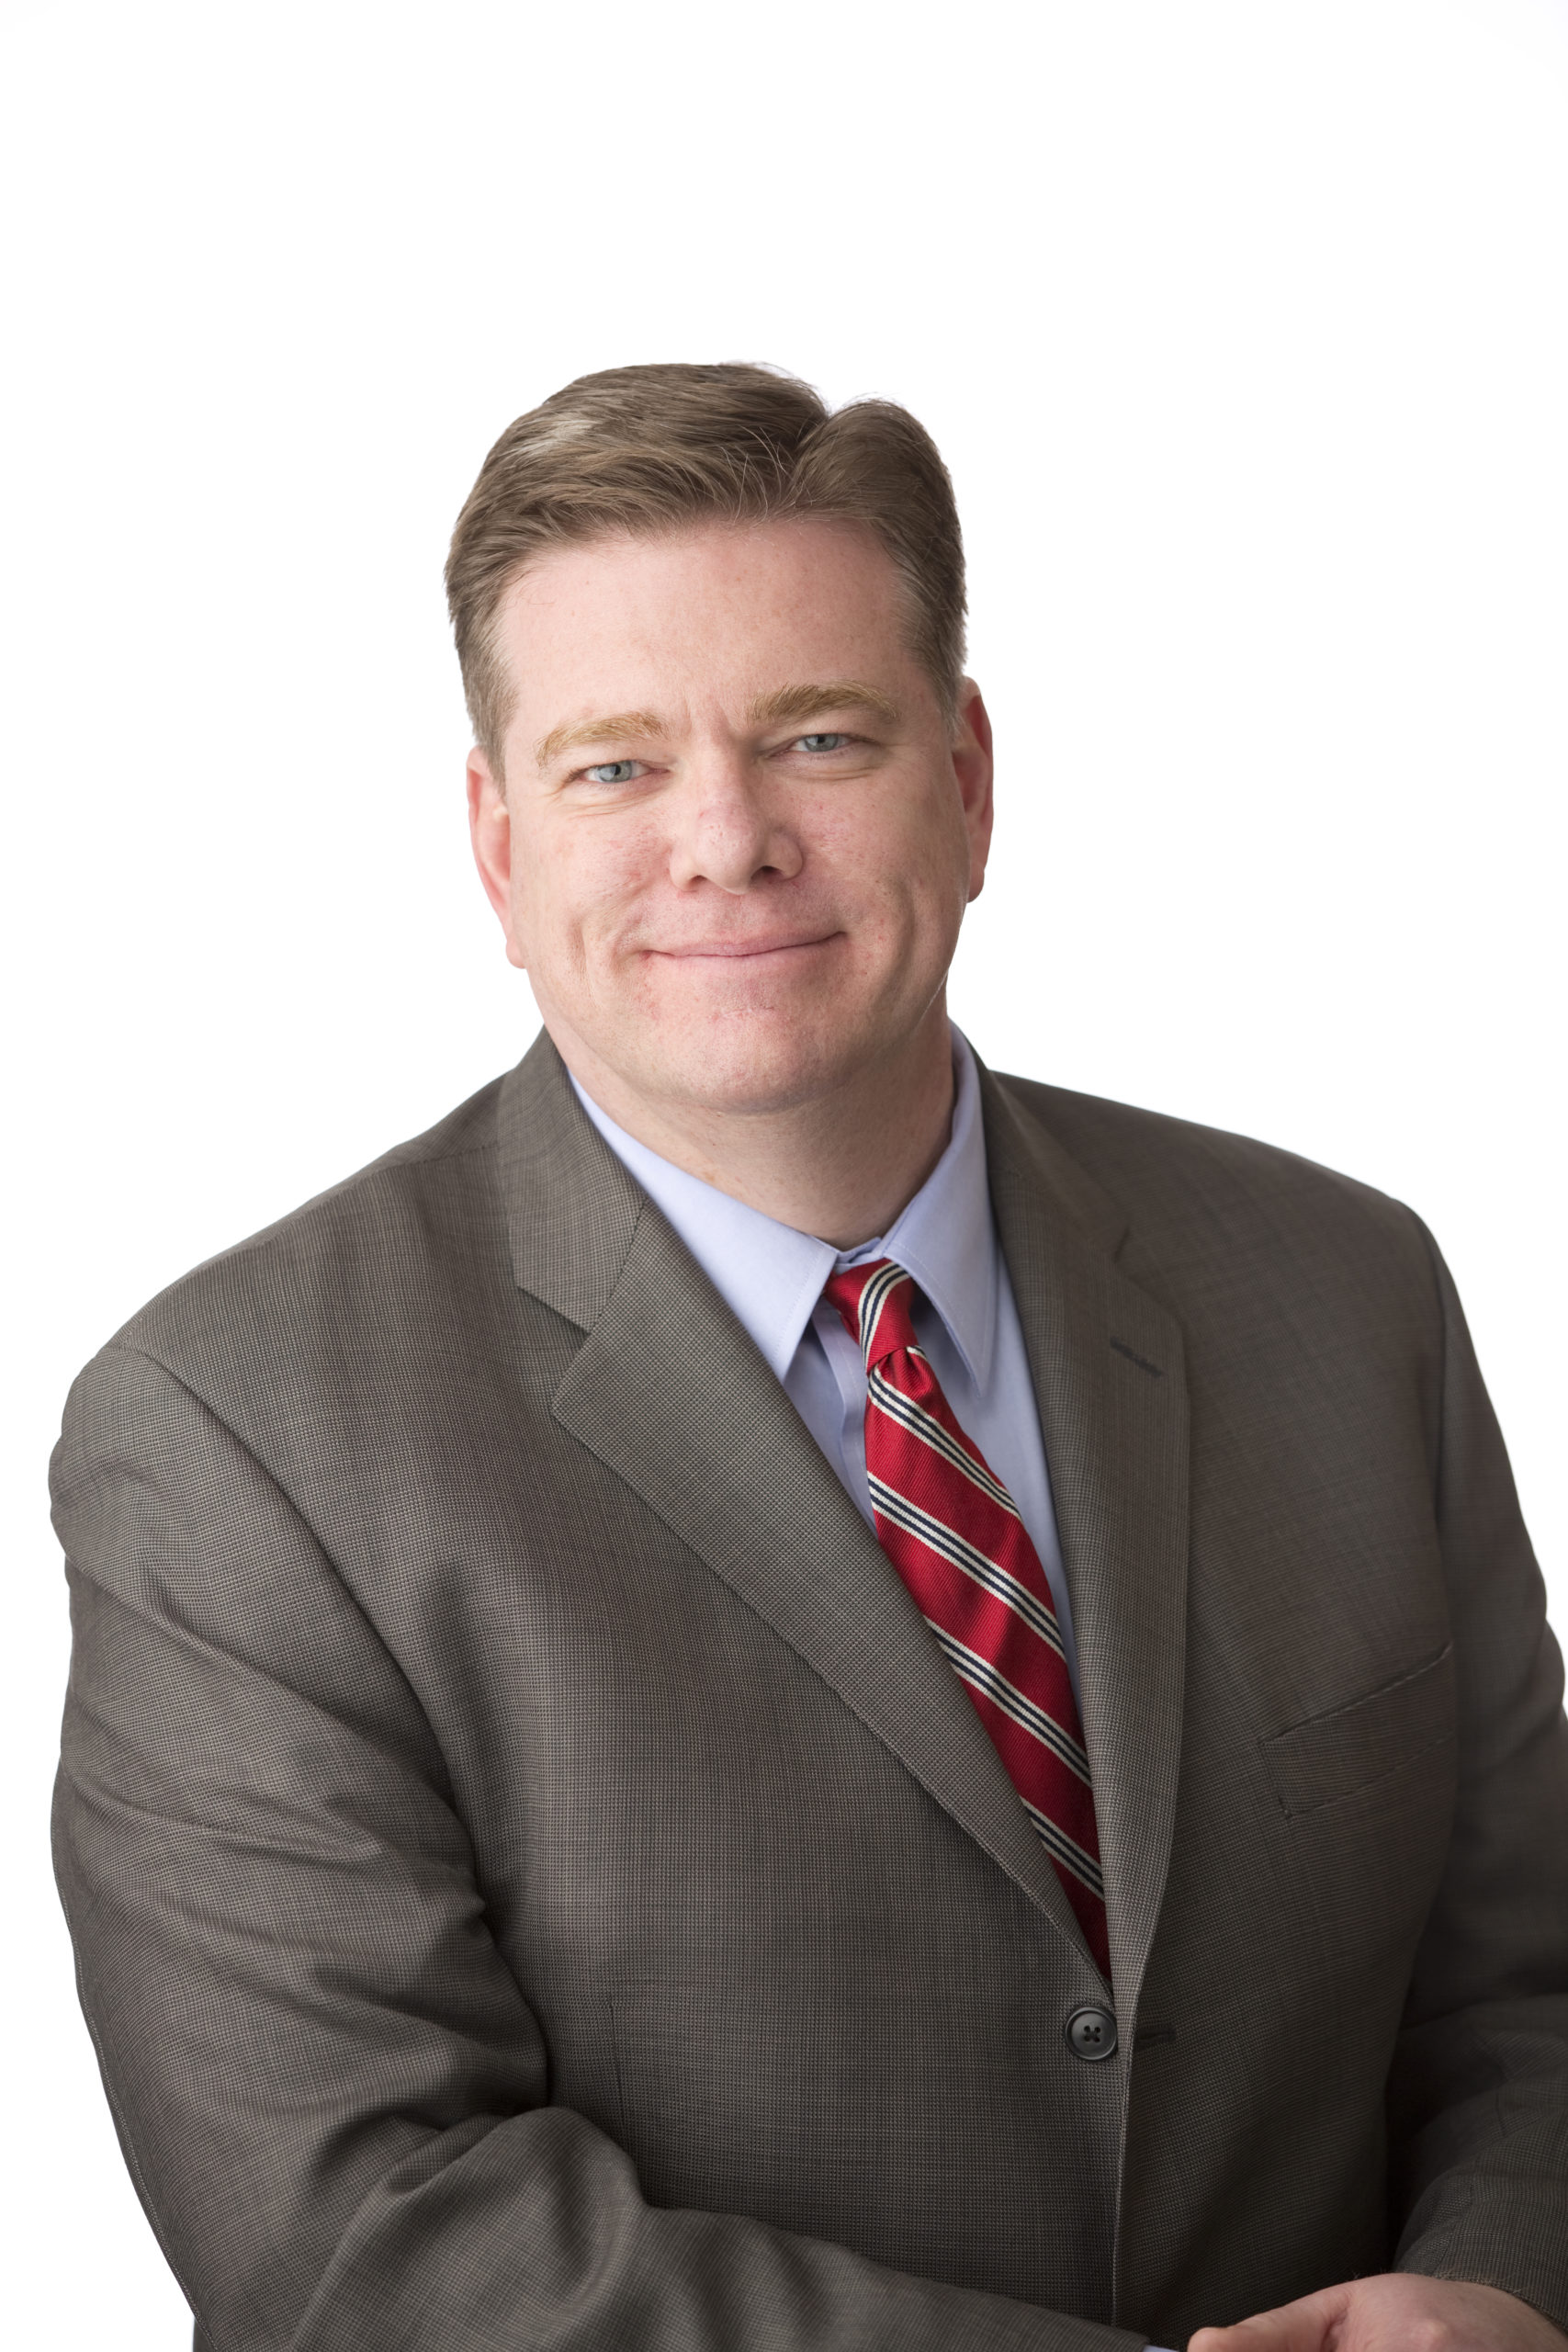 William J. Hogan